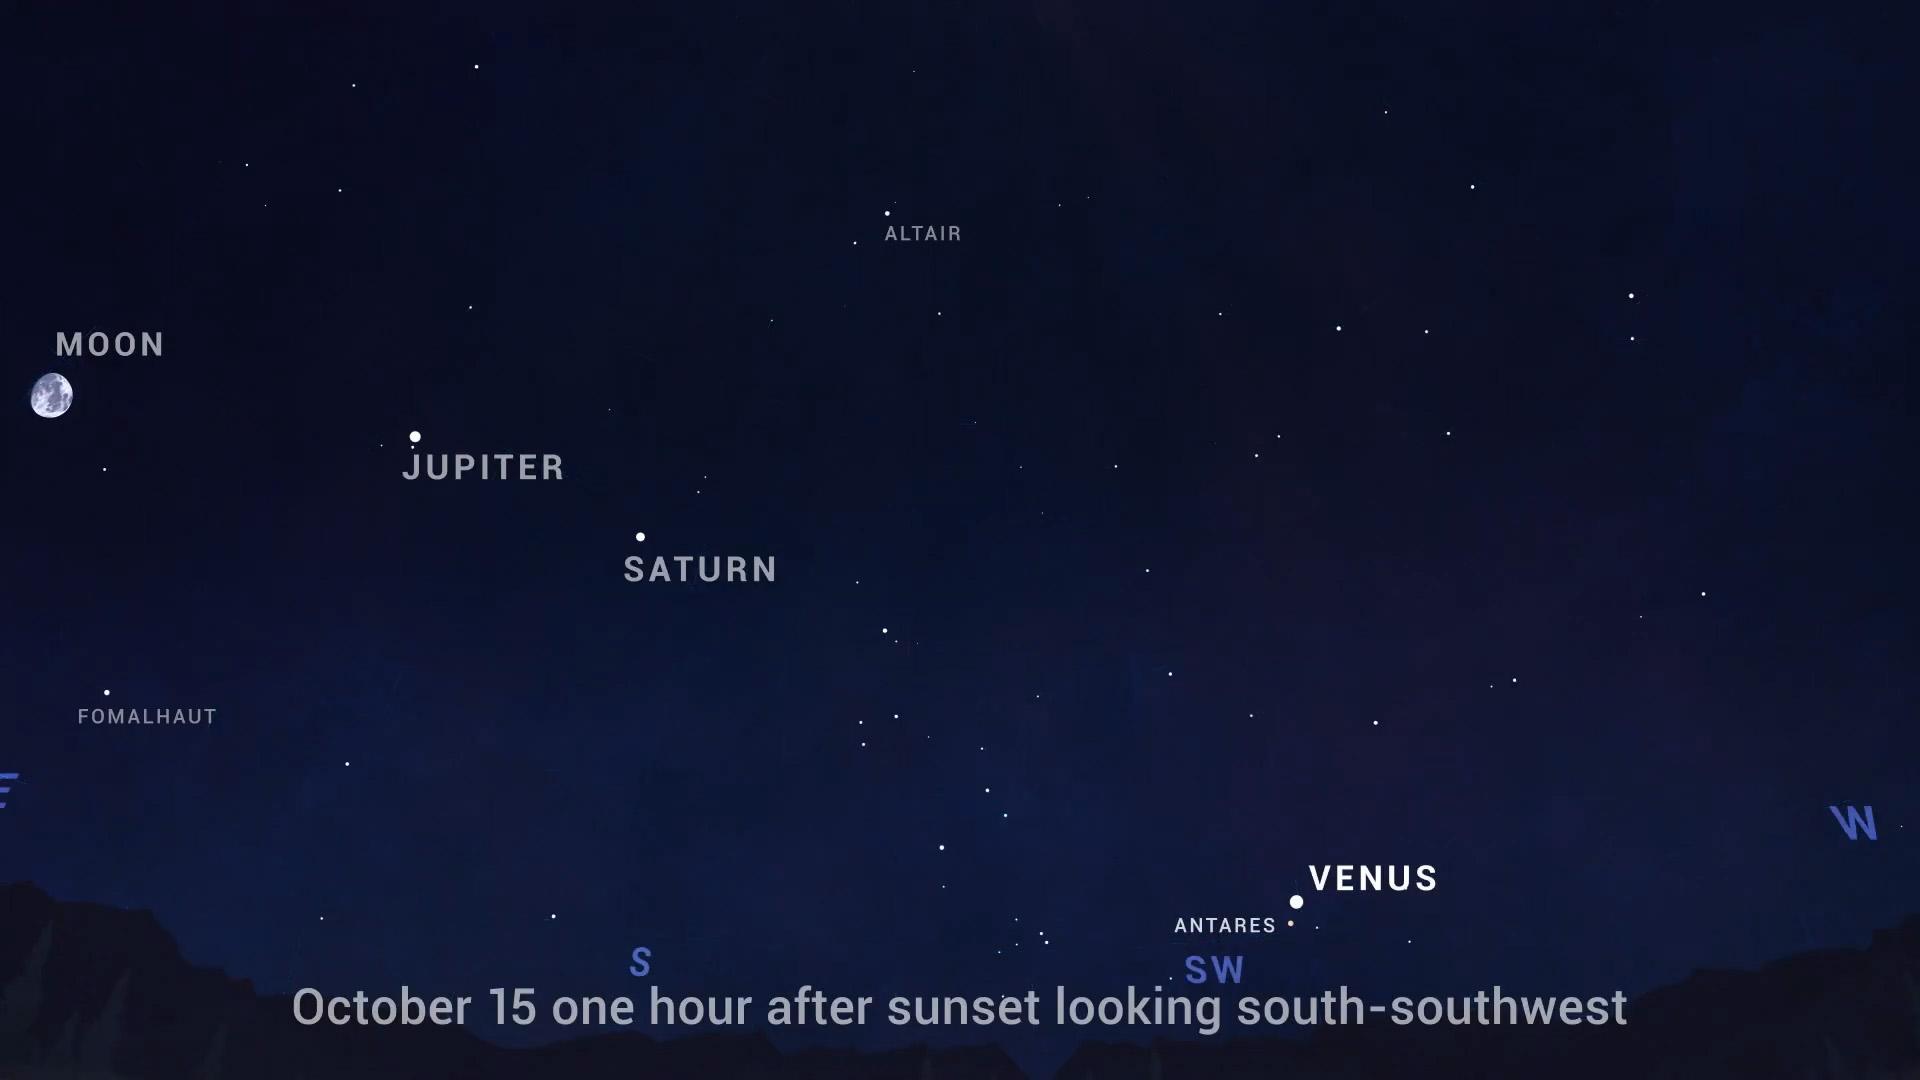 VenusAntaresConjunction_Oct1516.jpg